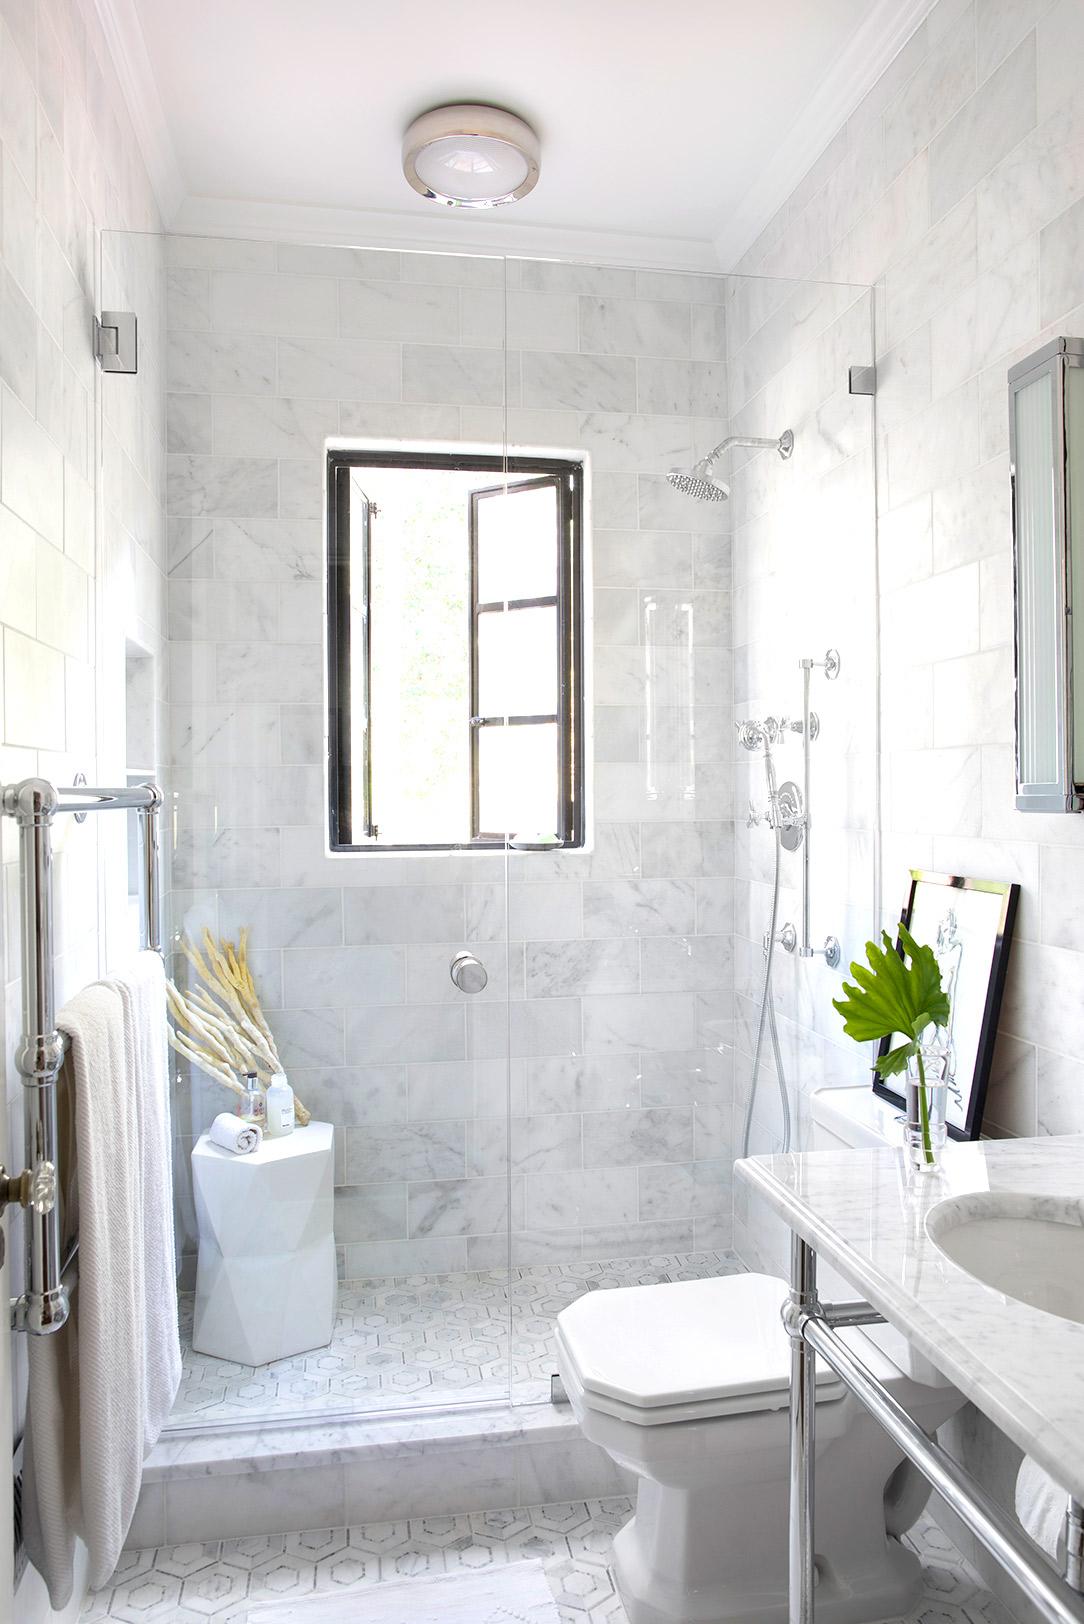 Trang trí nhà với màu trắng để đem lại vẻ tinh khôi và bình yên